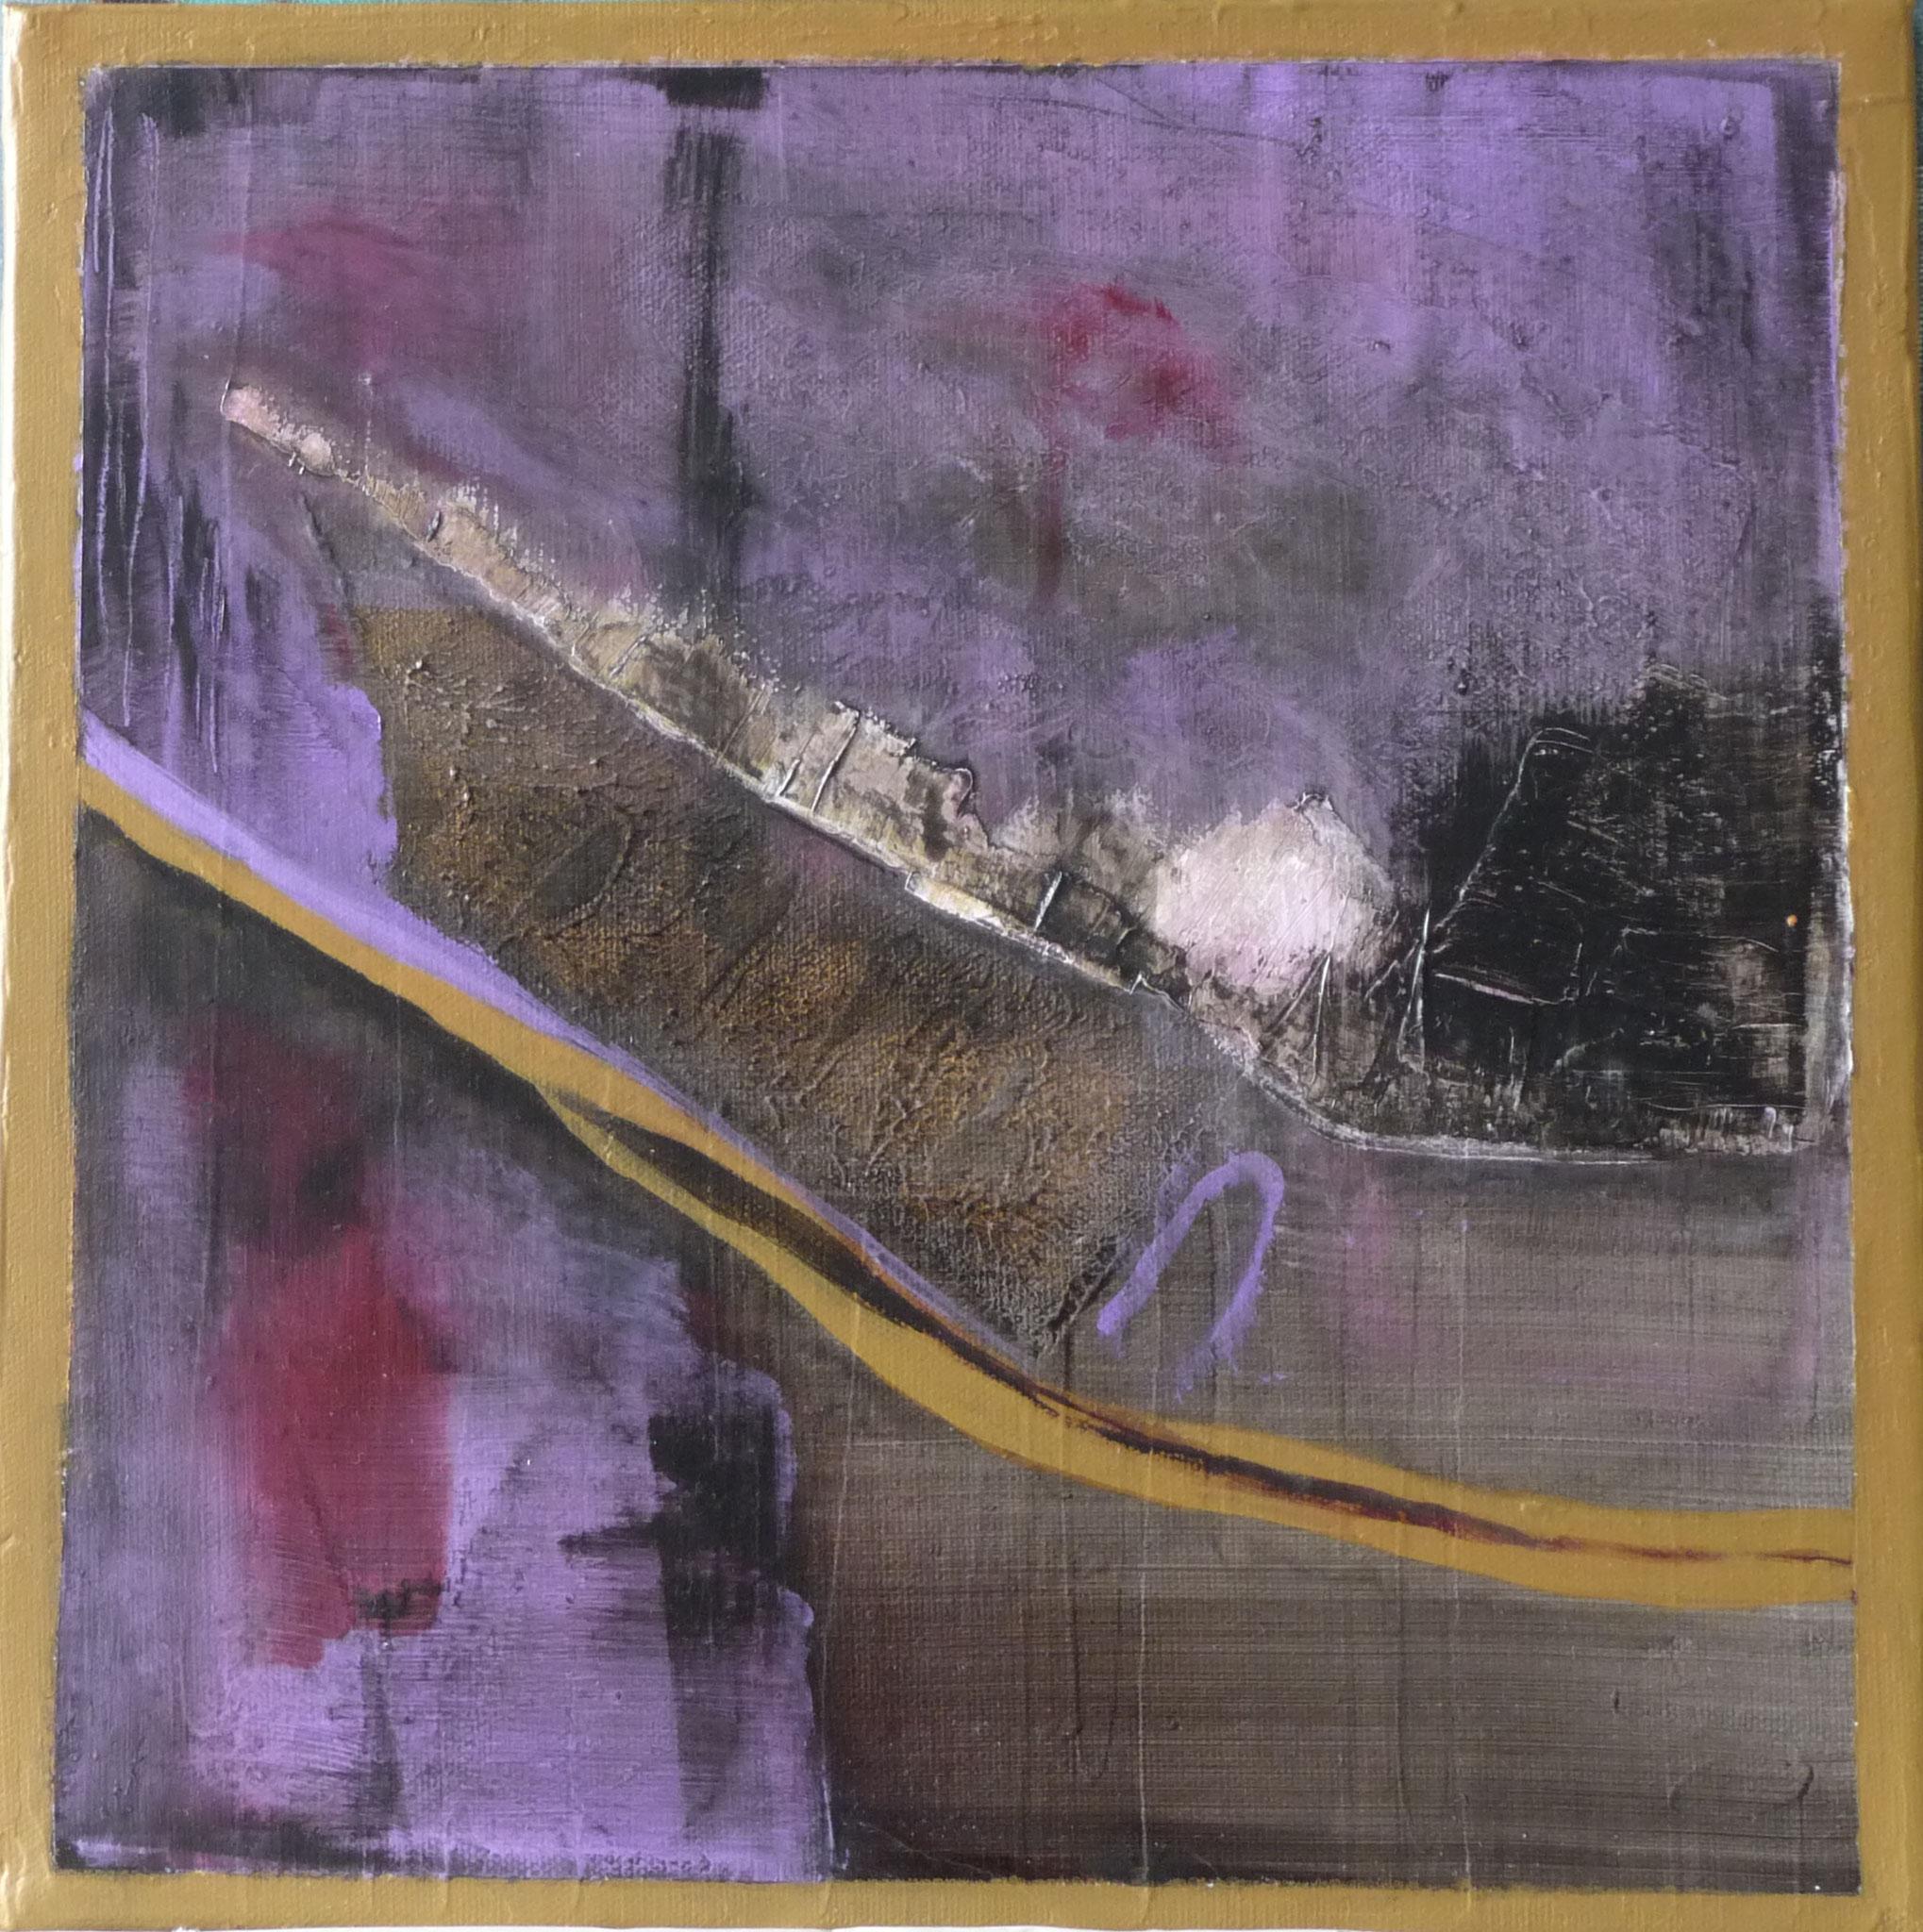 Itinéraire 2   ---   2011 - Acrylique - 30 x 30 cm